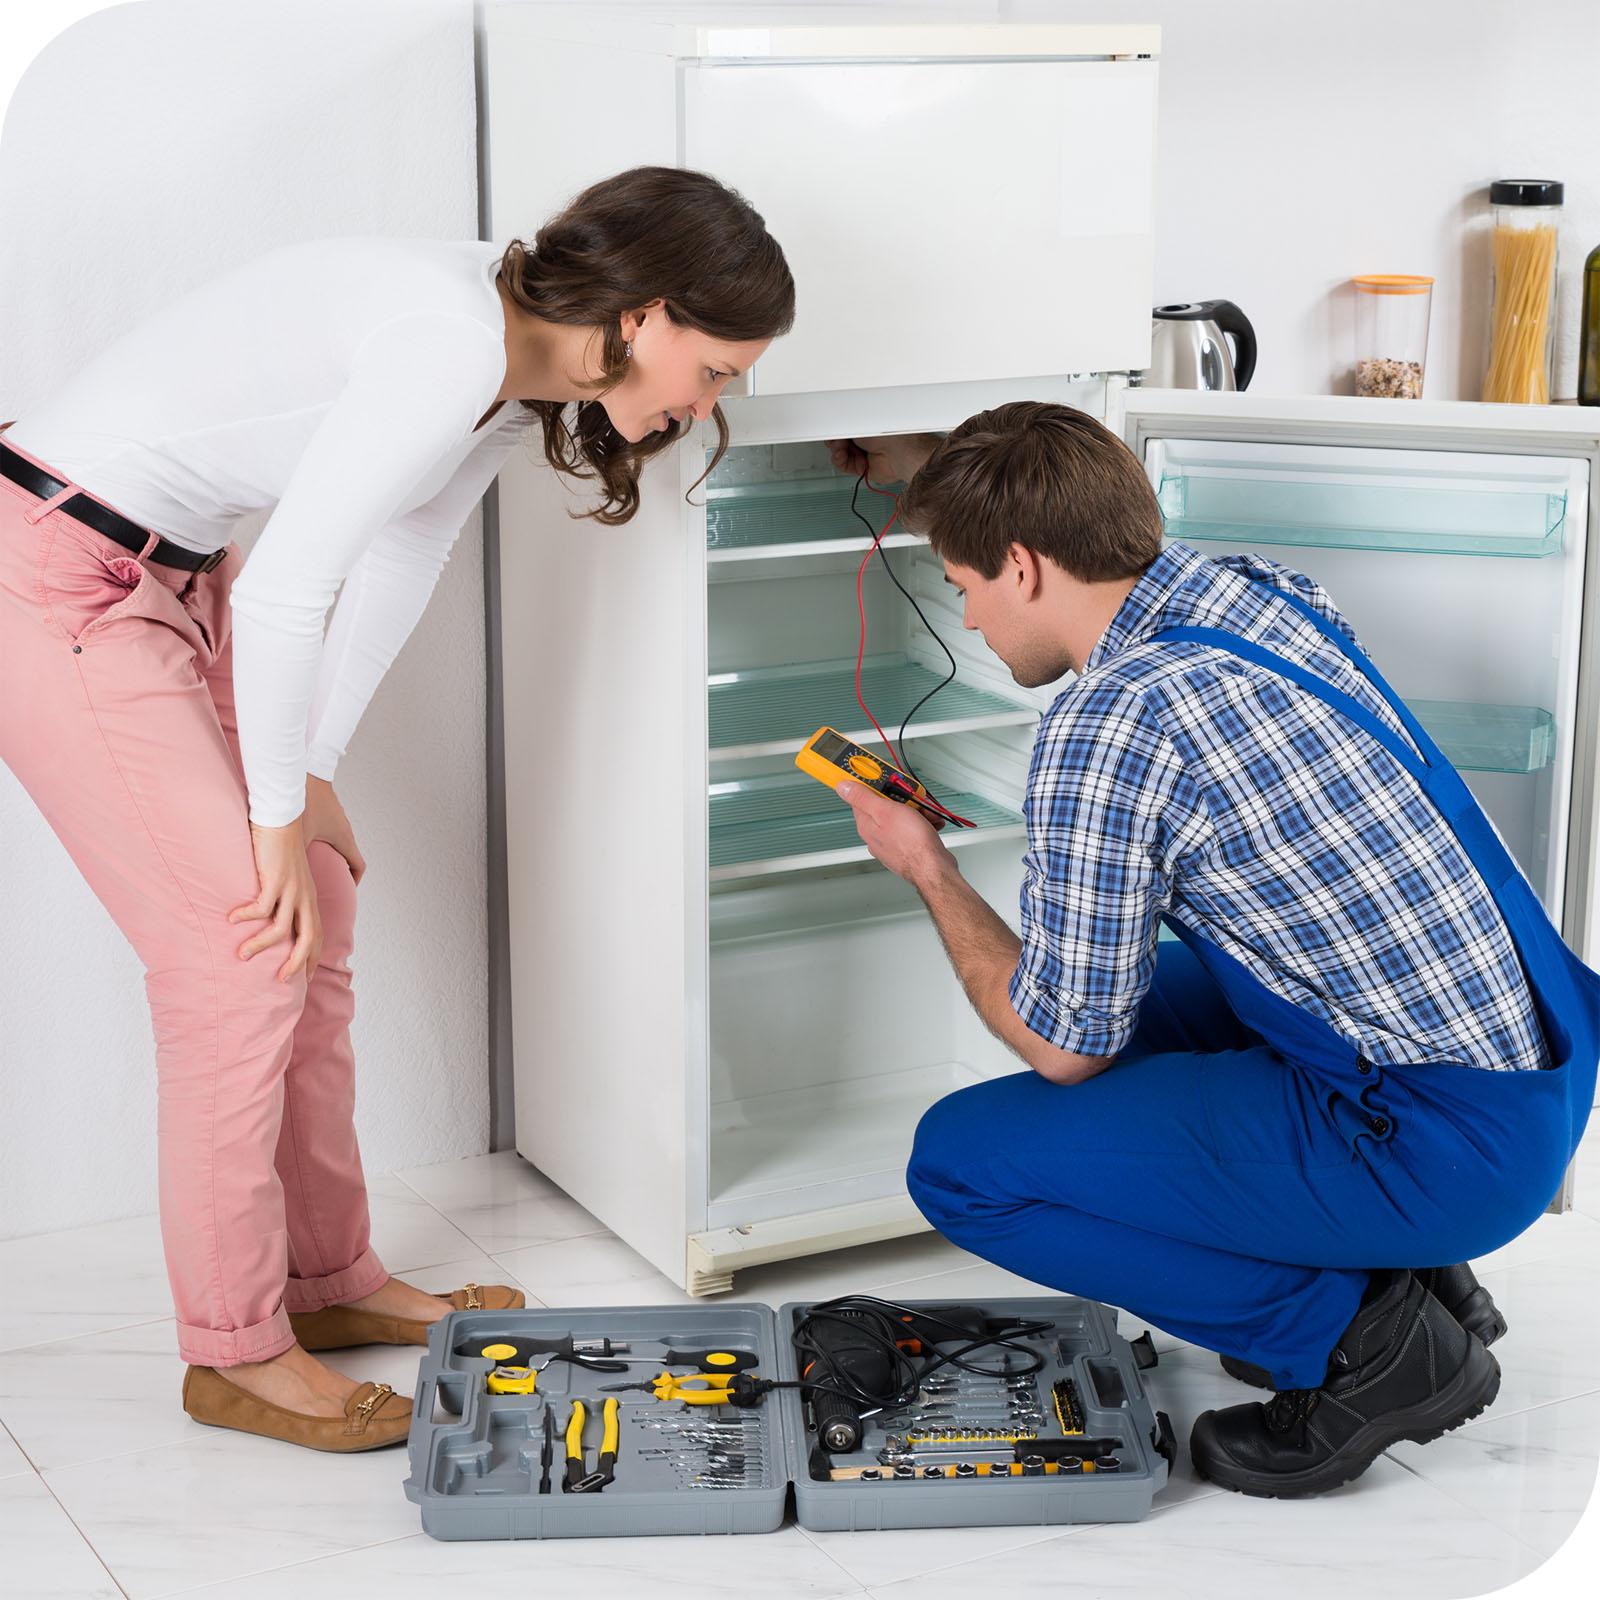 İndesit Buzdolabı Devamlı Çalışıyor